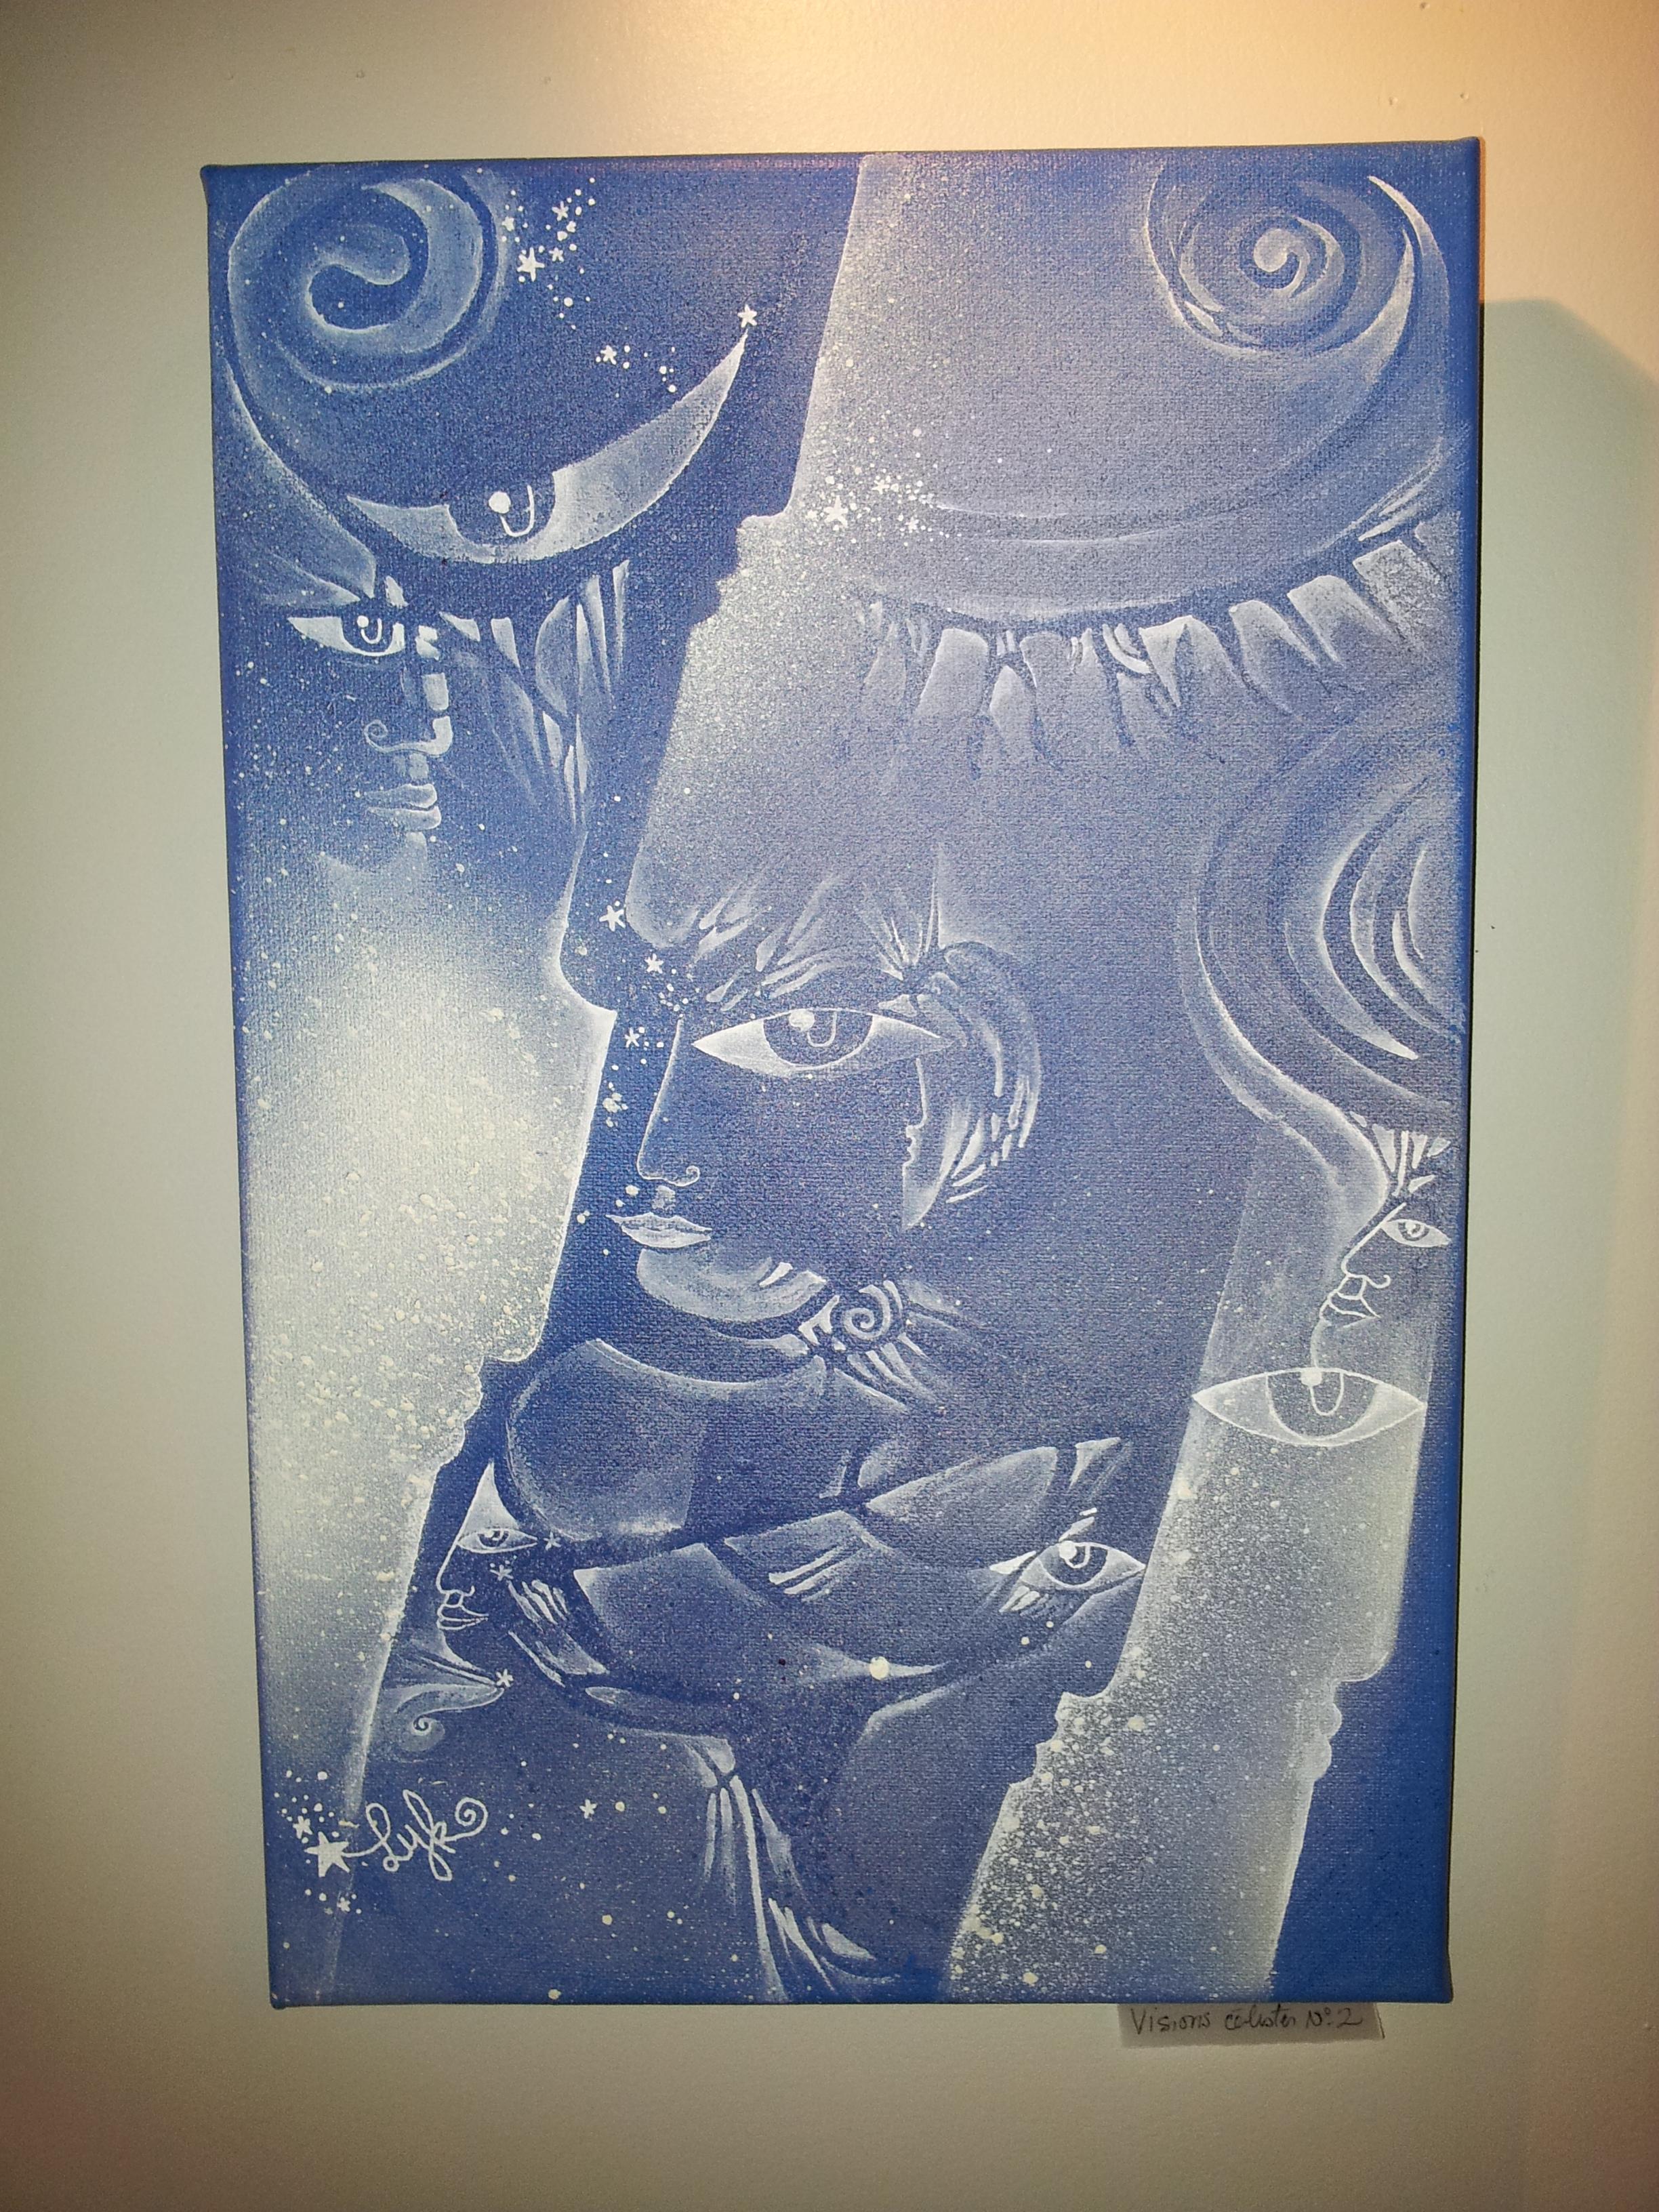 Visions célestes 2